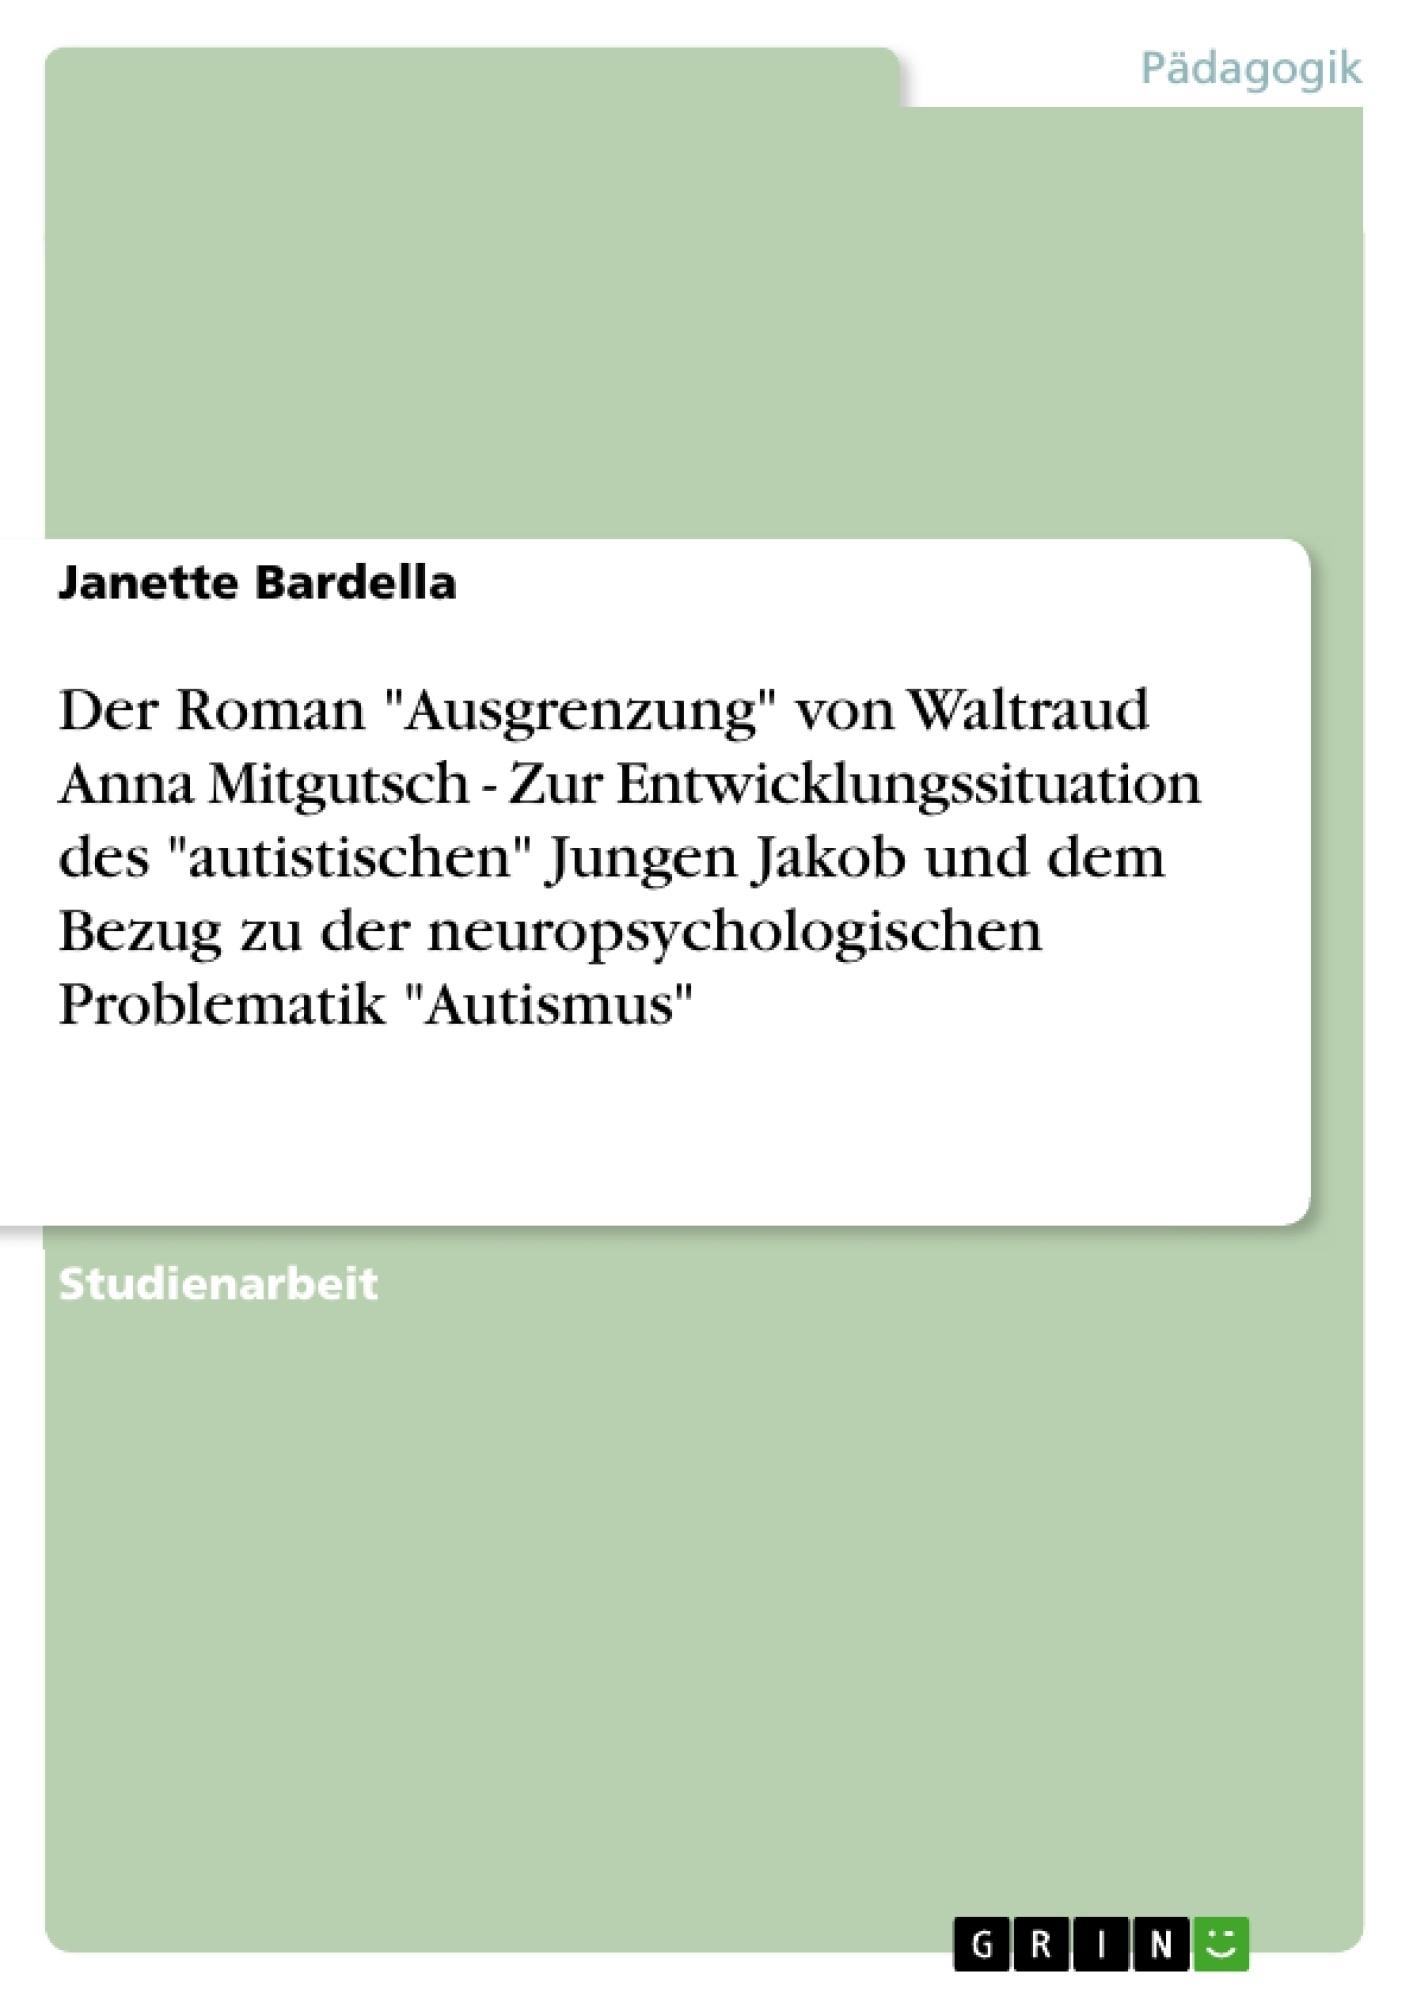 """Titel: Der Roman """"Ausgrenzung""""  von Waltraud Anna Mitgutsch - Zur Entwicklungssituation des """"autistischen"""" Jungen Jakob und dem Bezug zu der neuropsychologischen Problematik """"Autismus"""""""